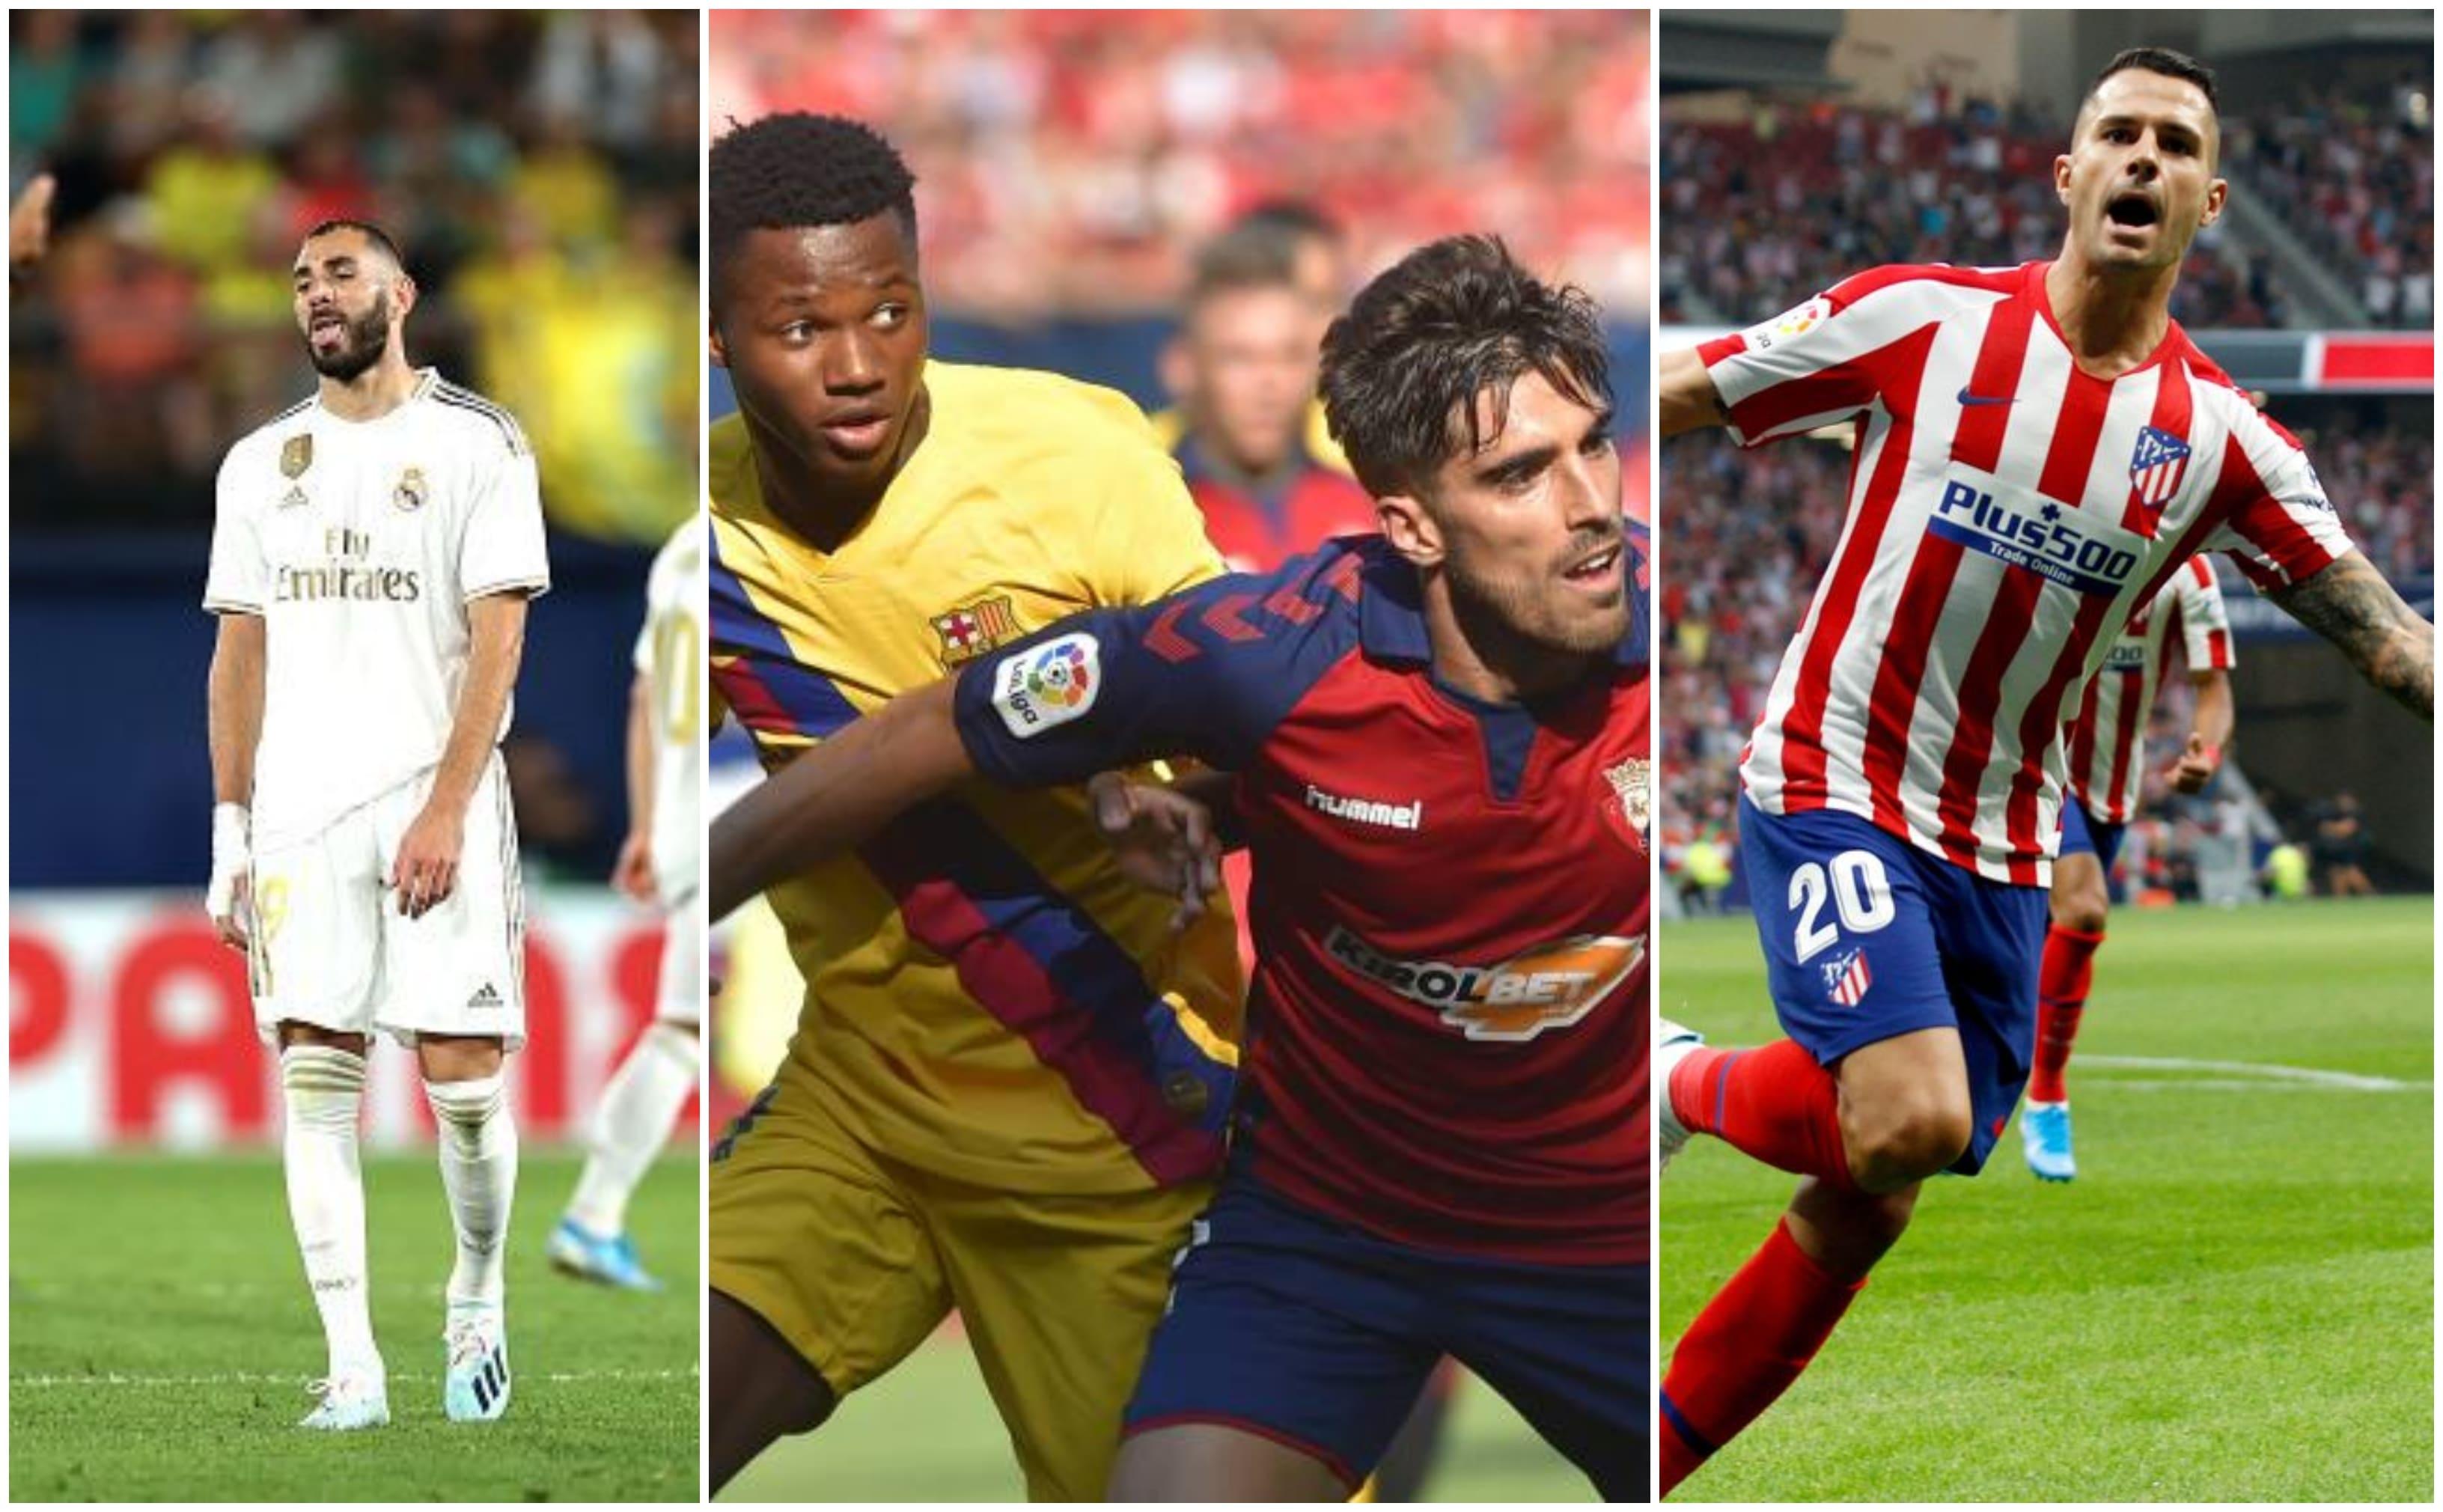 La Liga 2019/20 Matchday Three Round Up